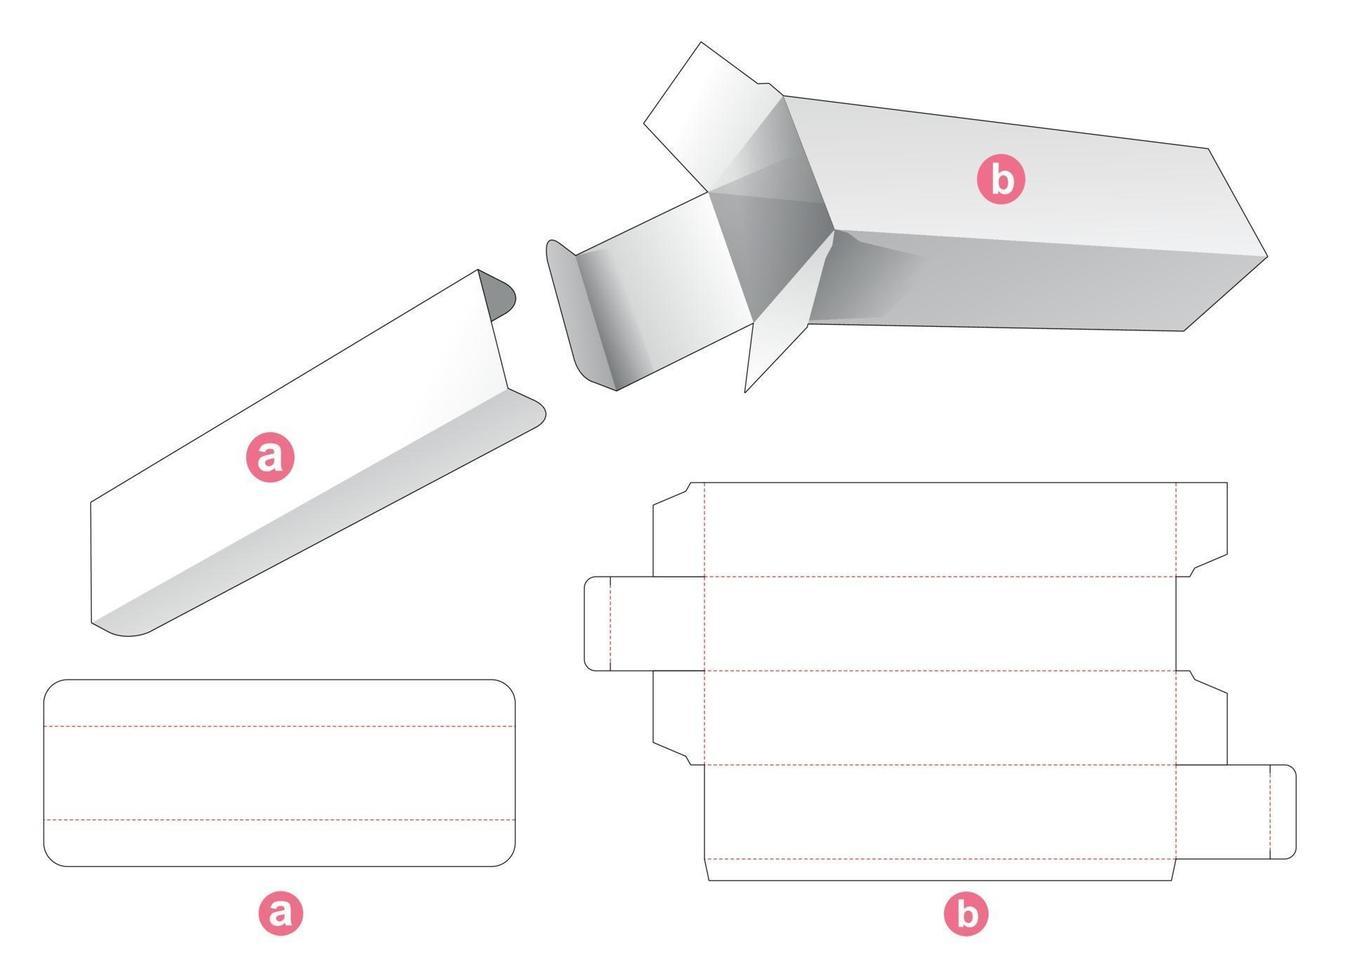 Hohe Verpackungsbox mit gestanzter Trennwand für Trennwandeinsatz vektor